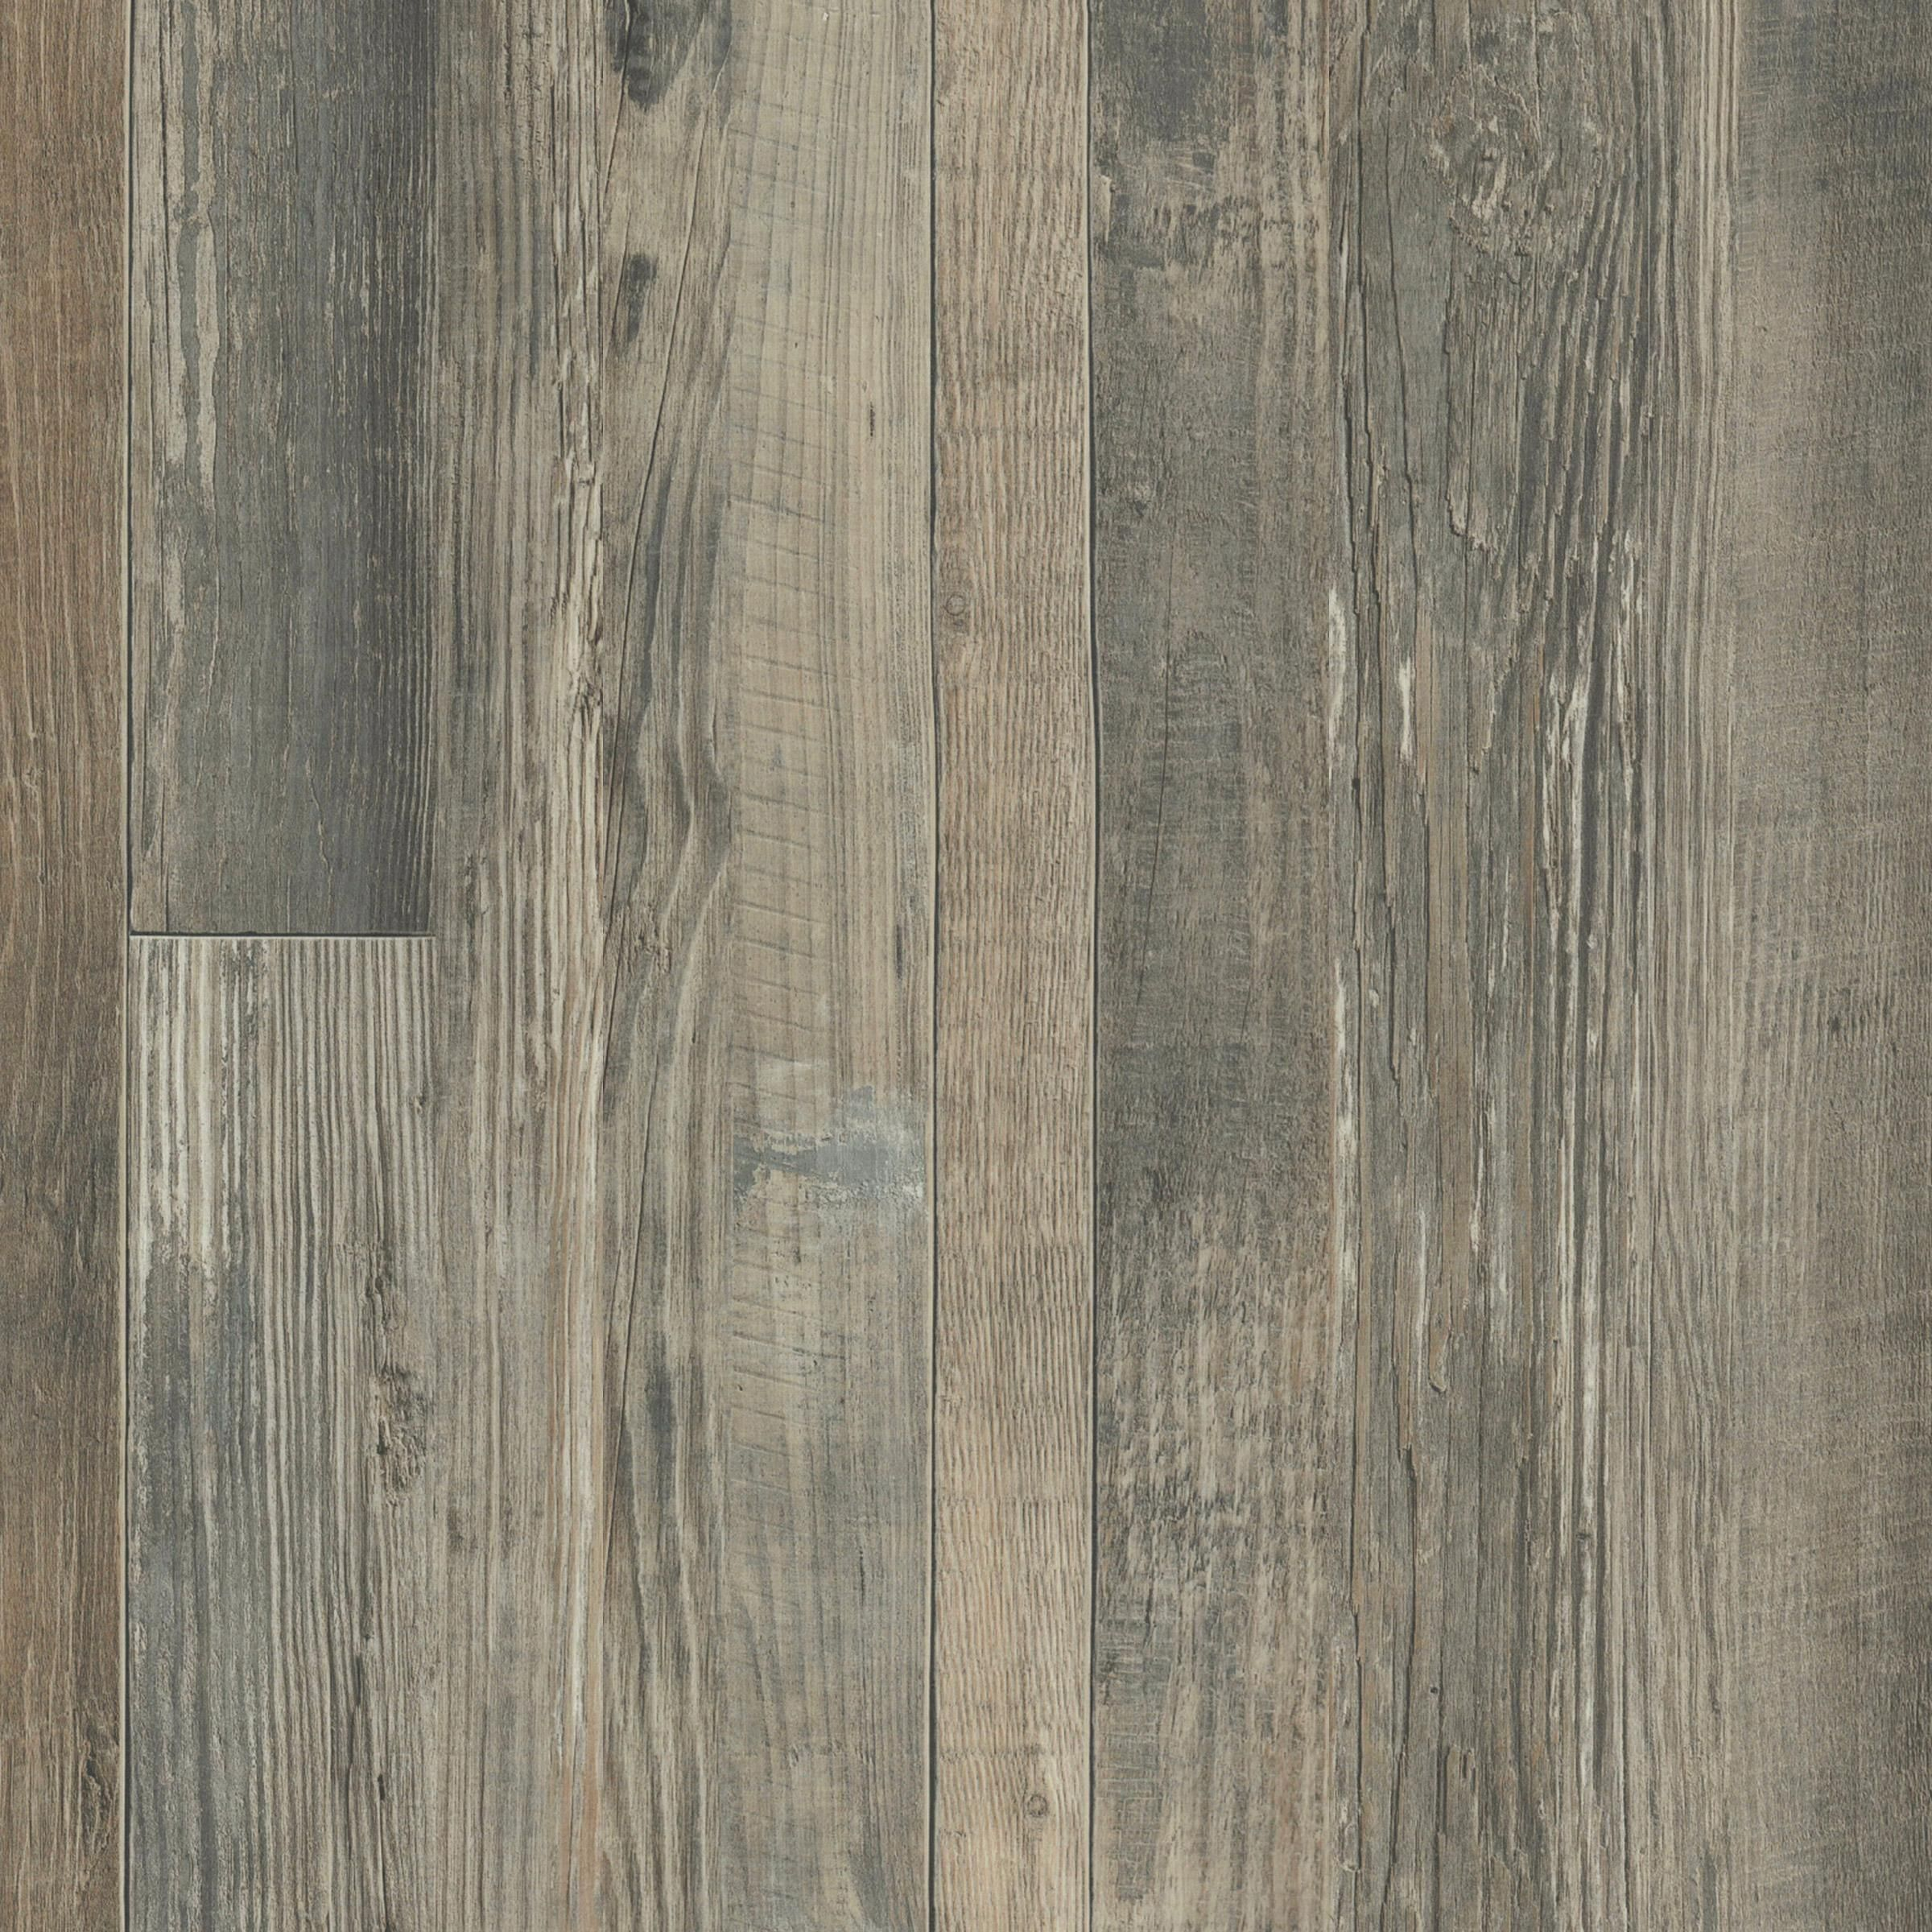 Supreme Elite Remarkable Series 9 Wide Chateau Oak Waterproof Loose Lay Vi Vinyl Plank Flooring Waterproof Vinyl Plank Flooring Loose Lay Vinyl Plank Flooring